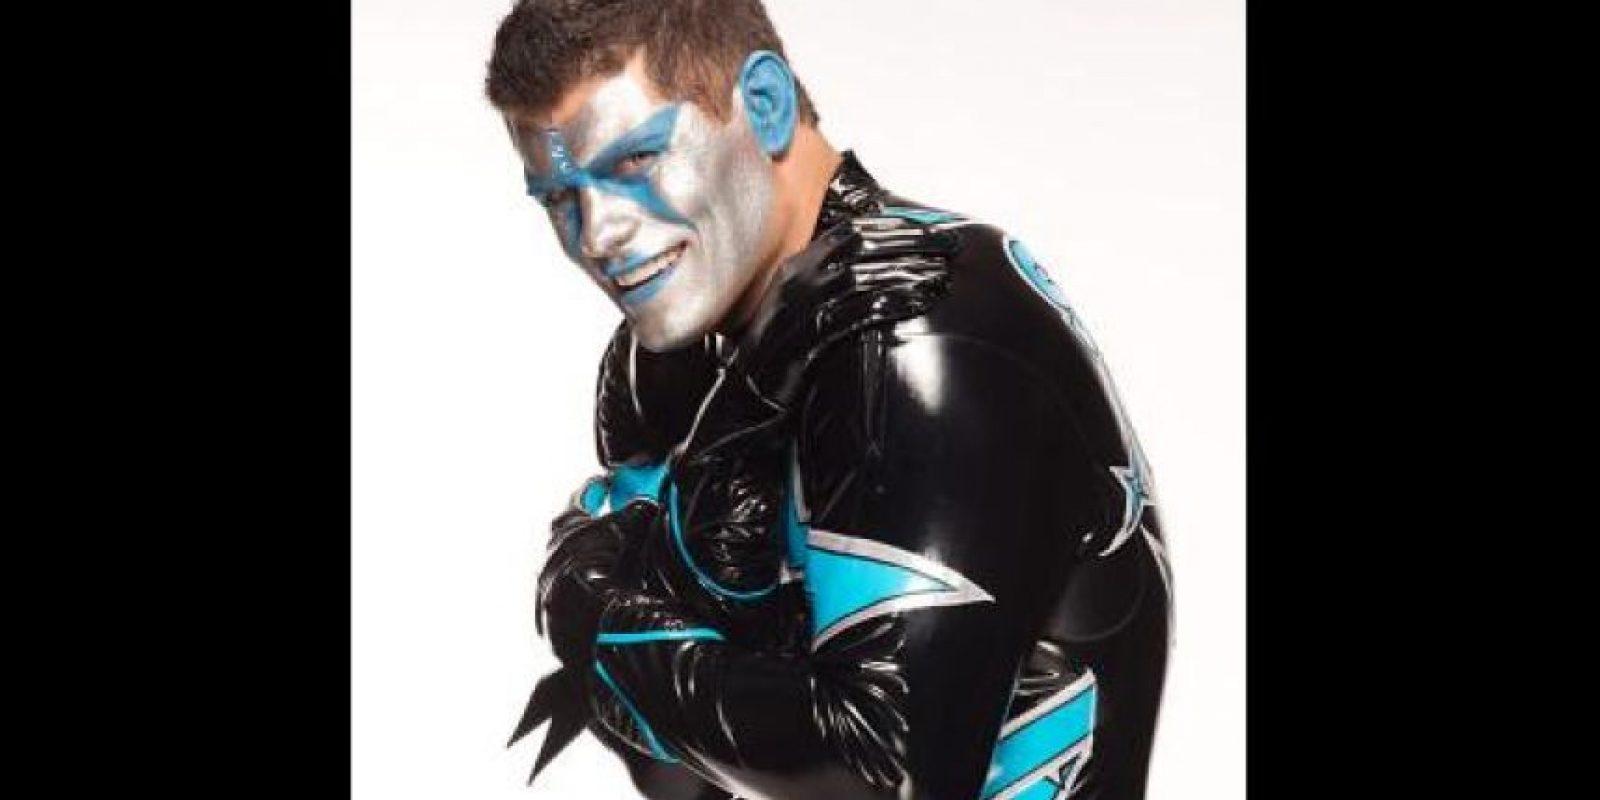 El hermano de Goldust primero utilizó los colores dorado y negro y después ha modificado sus tonos. Foto:WWE